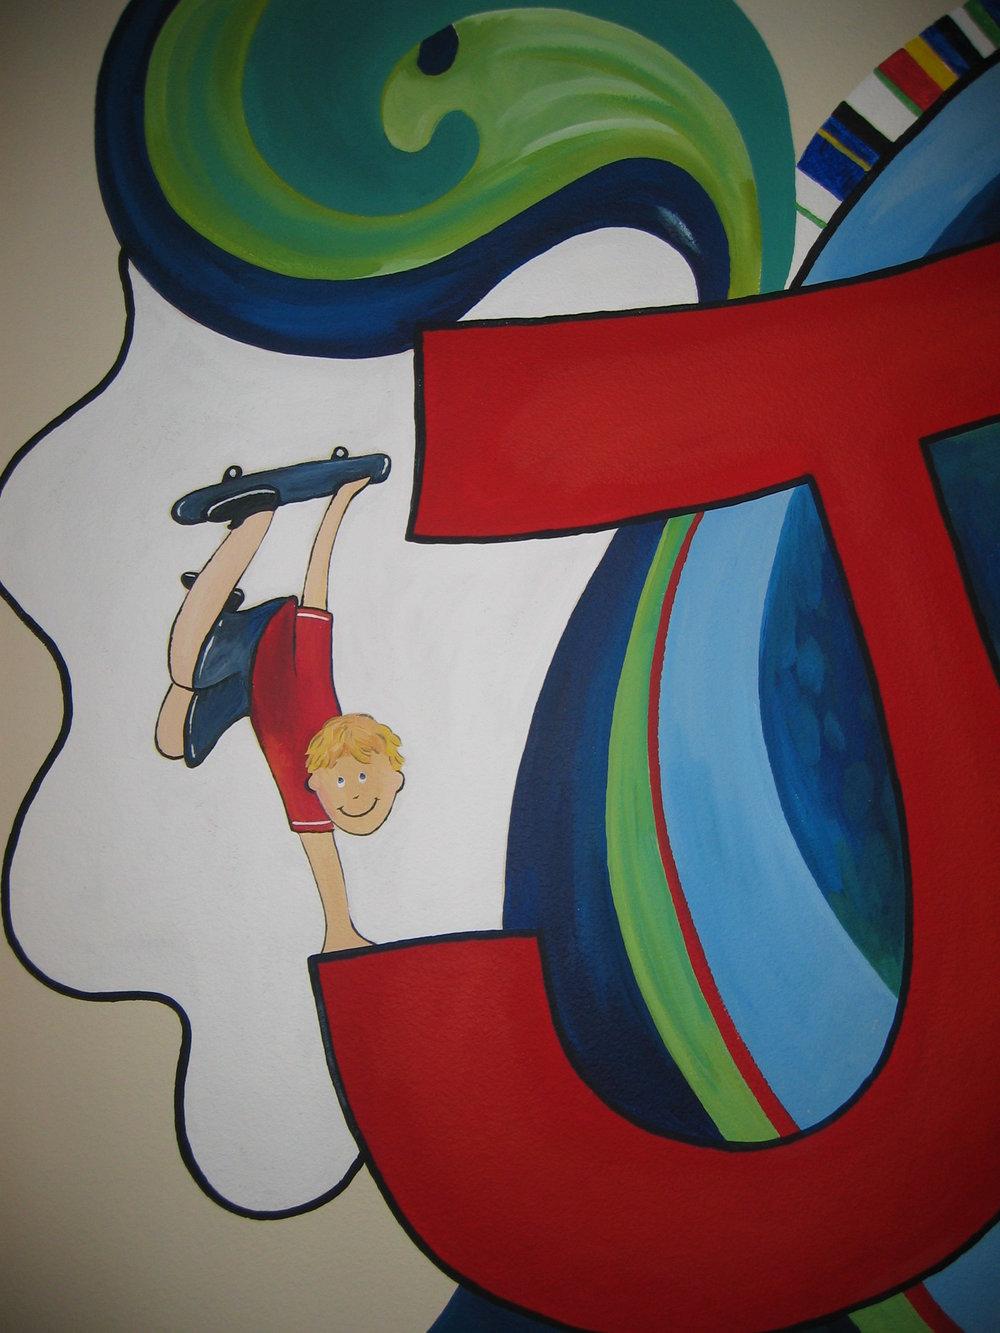 20040702.05.mural.jagger.graffiti.skateboarder.jpg